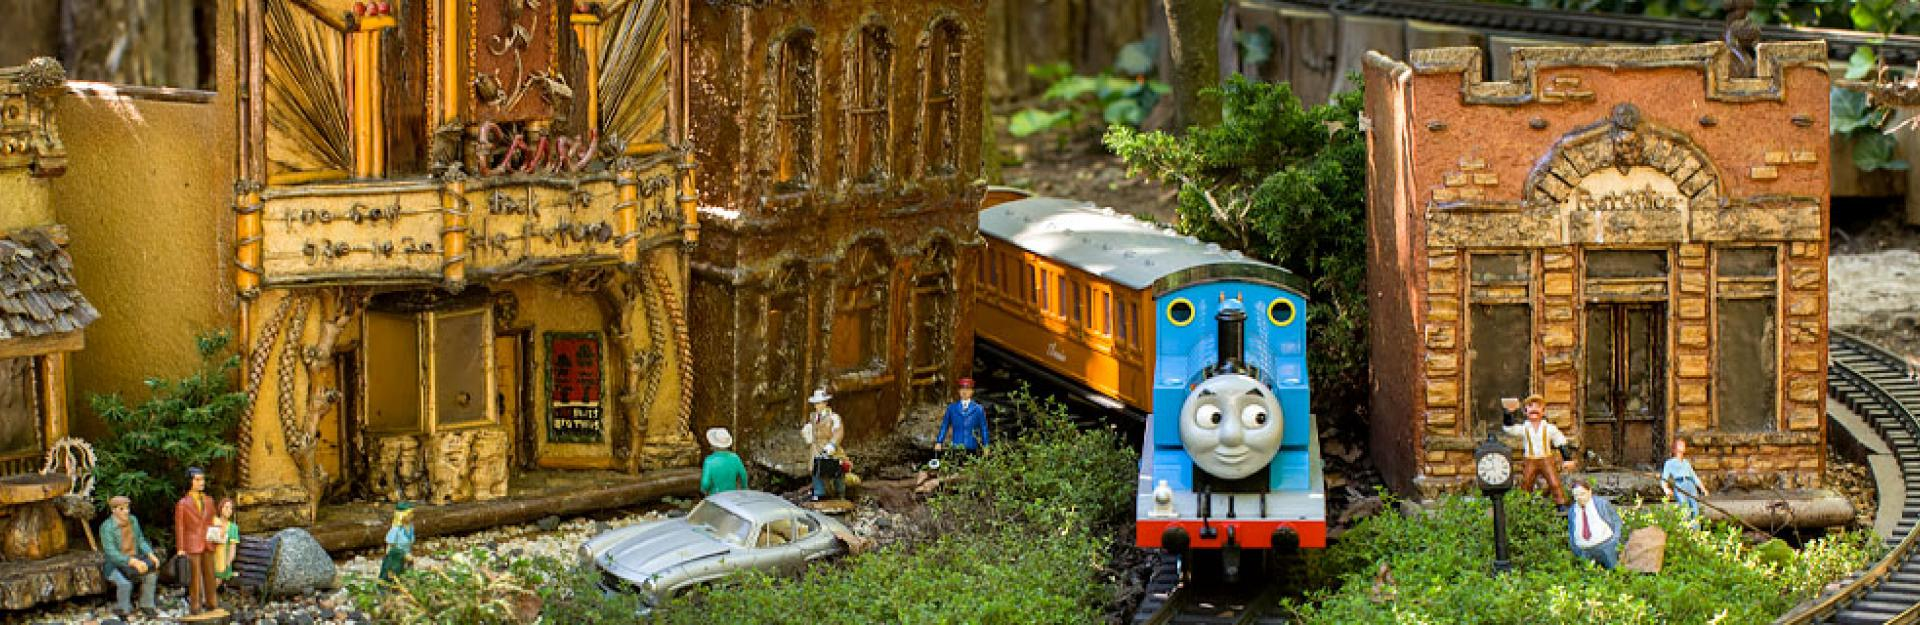 Model Railroad Garden 20th Anniversary